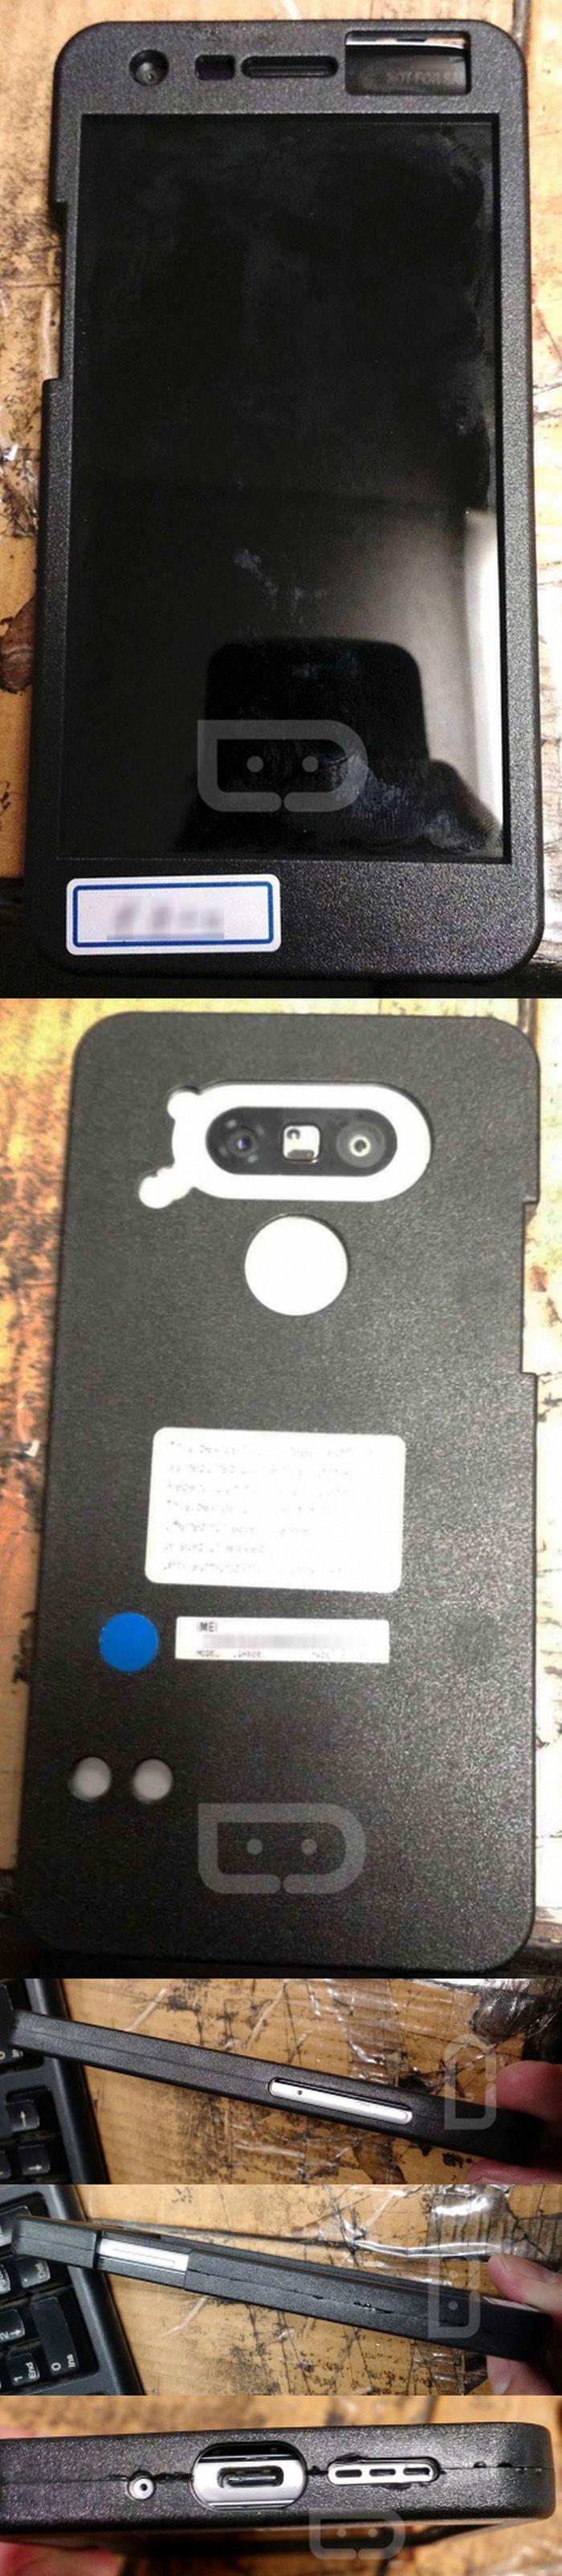 LG G5: kis titokzatos a dummy boxban